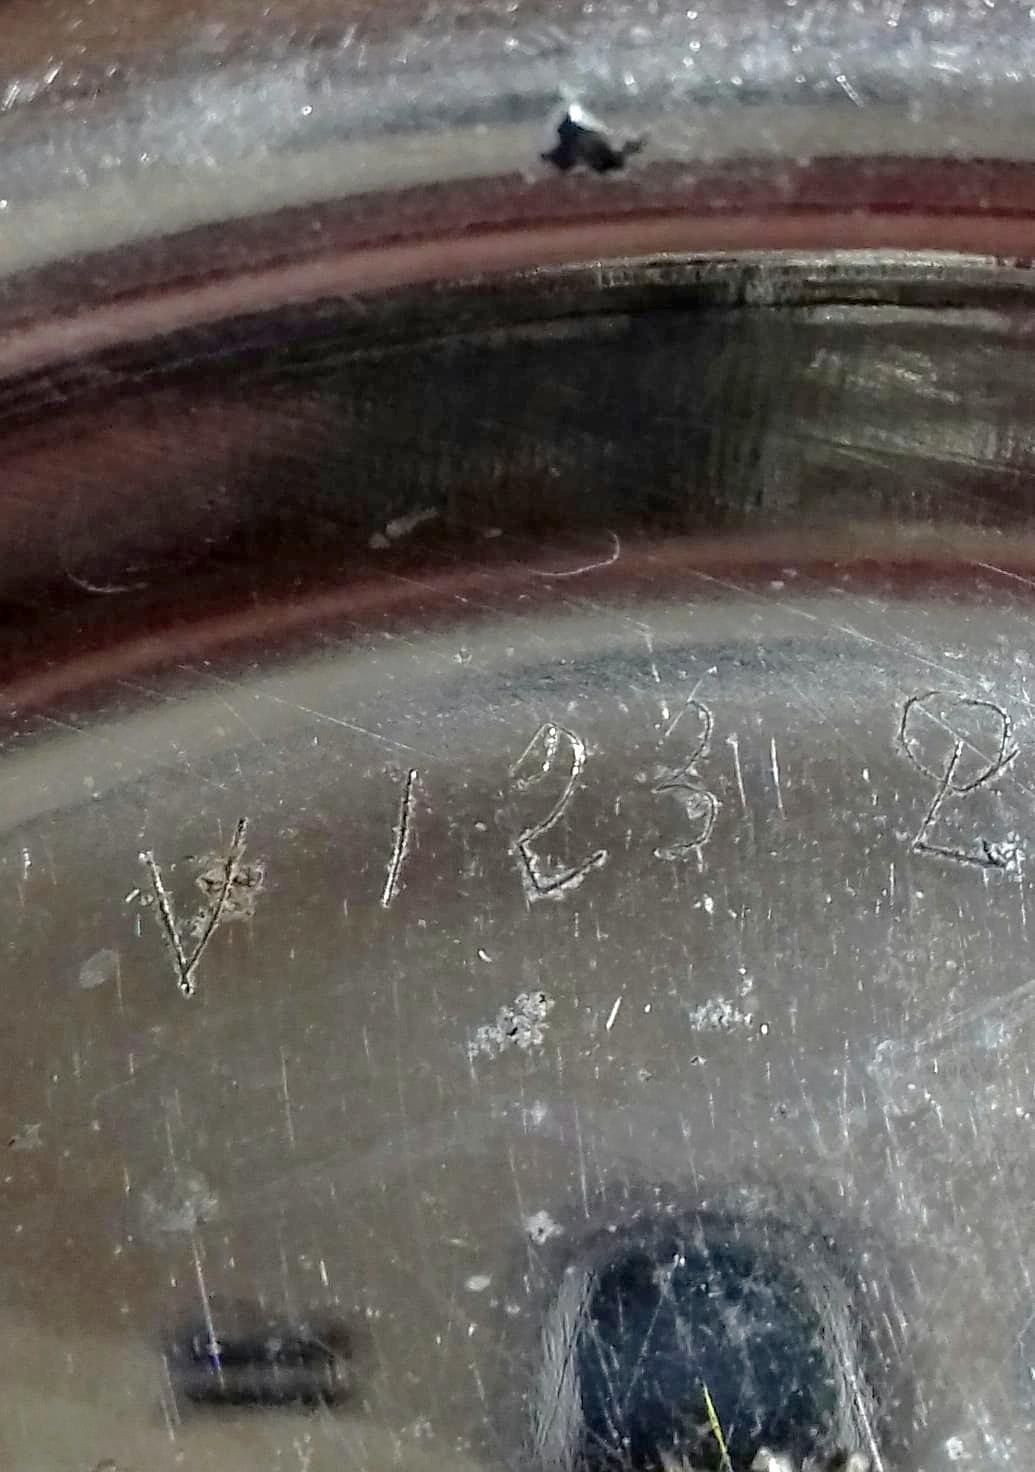 une signature d'horloger (V 123 Q) cela veut dire qu'il à été vendu en janvier 1923